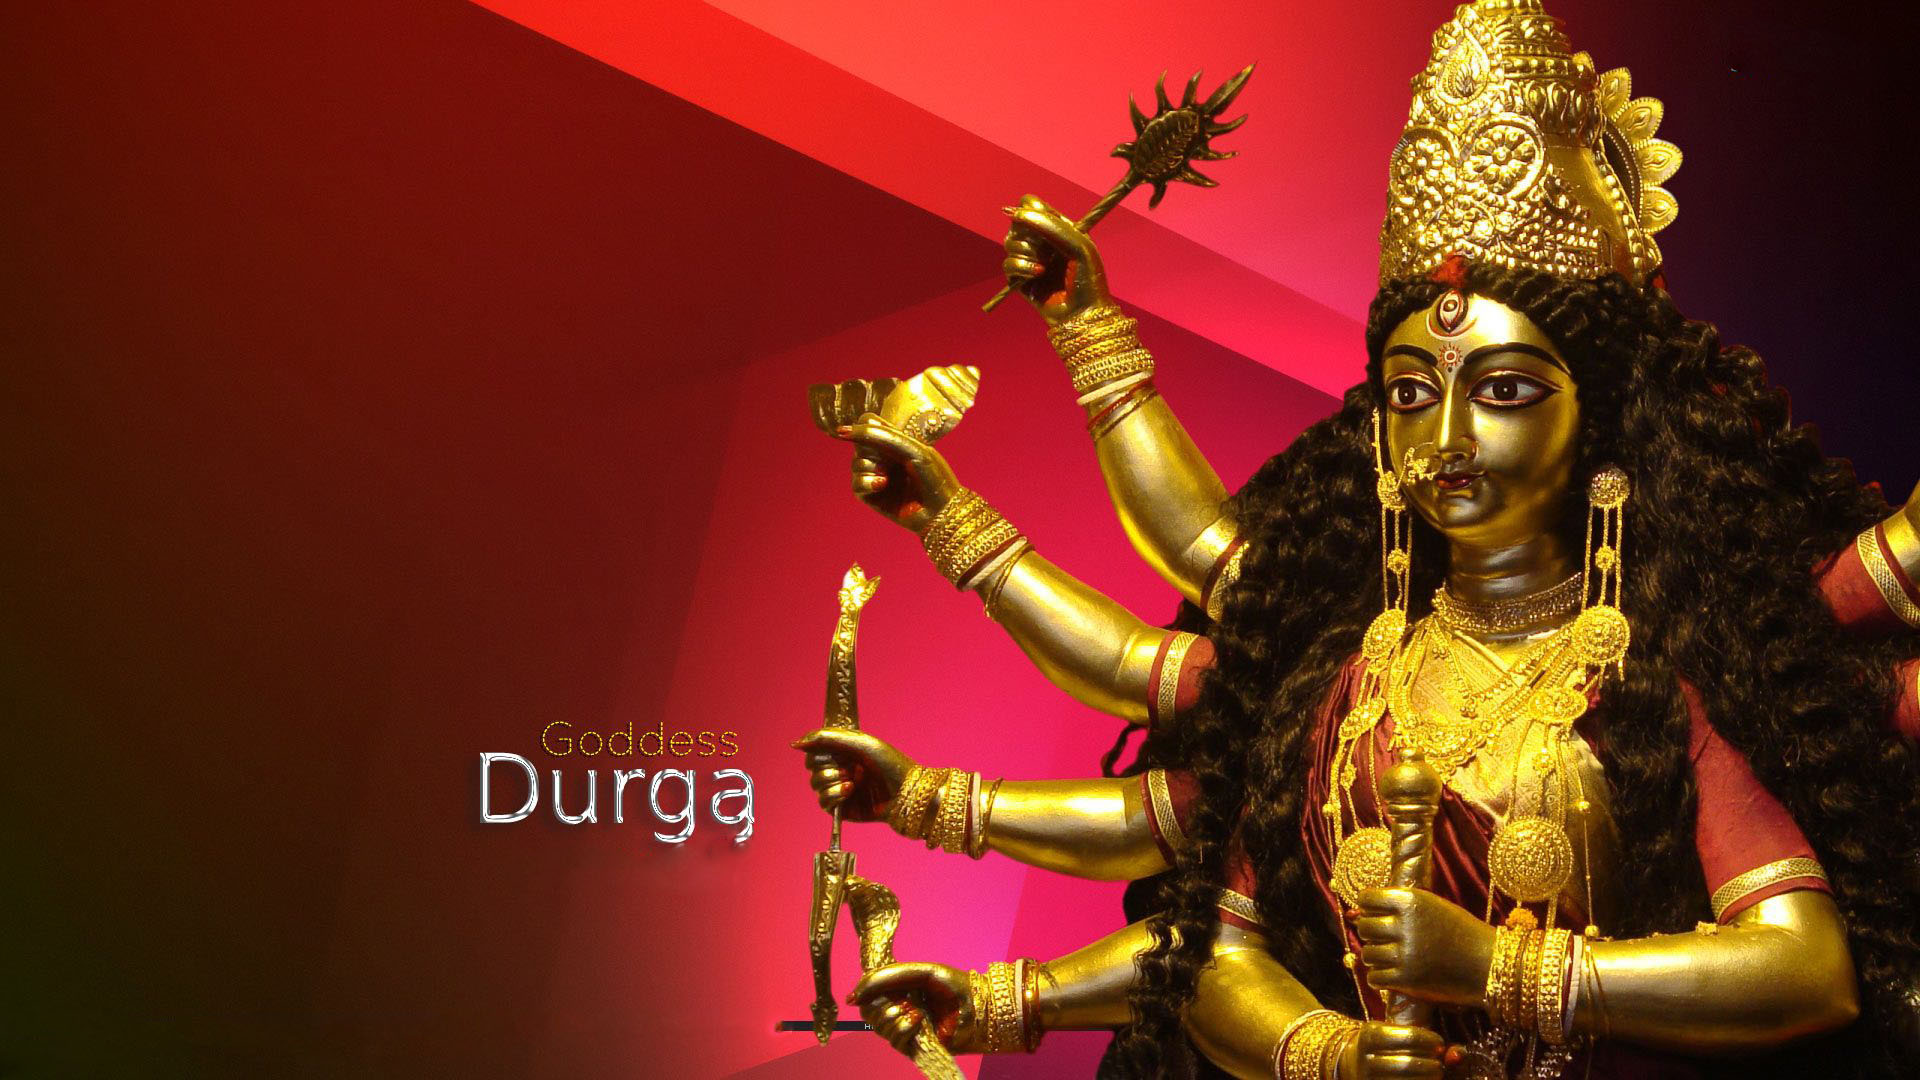 Maa Durga Hd Wallpaper 1080p For Mobile